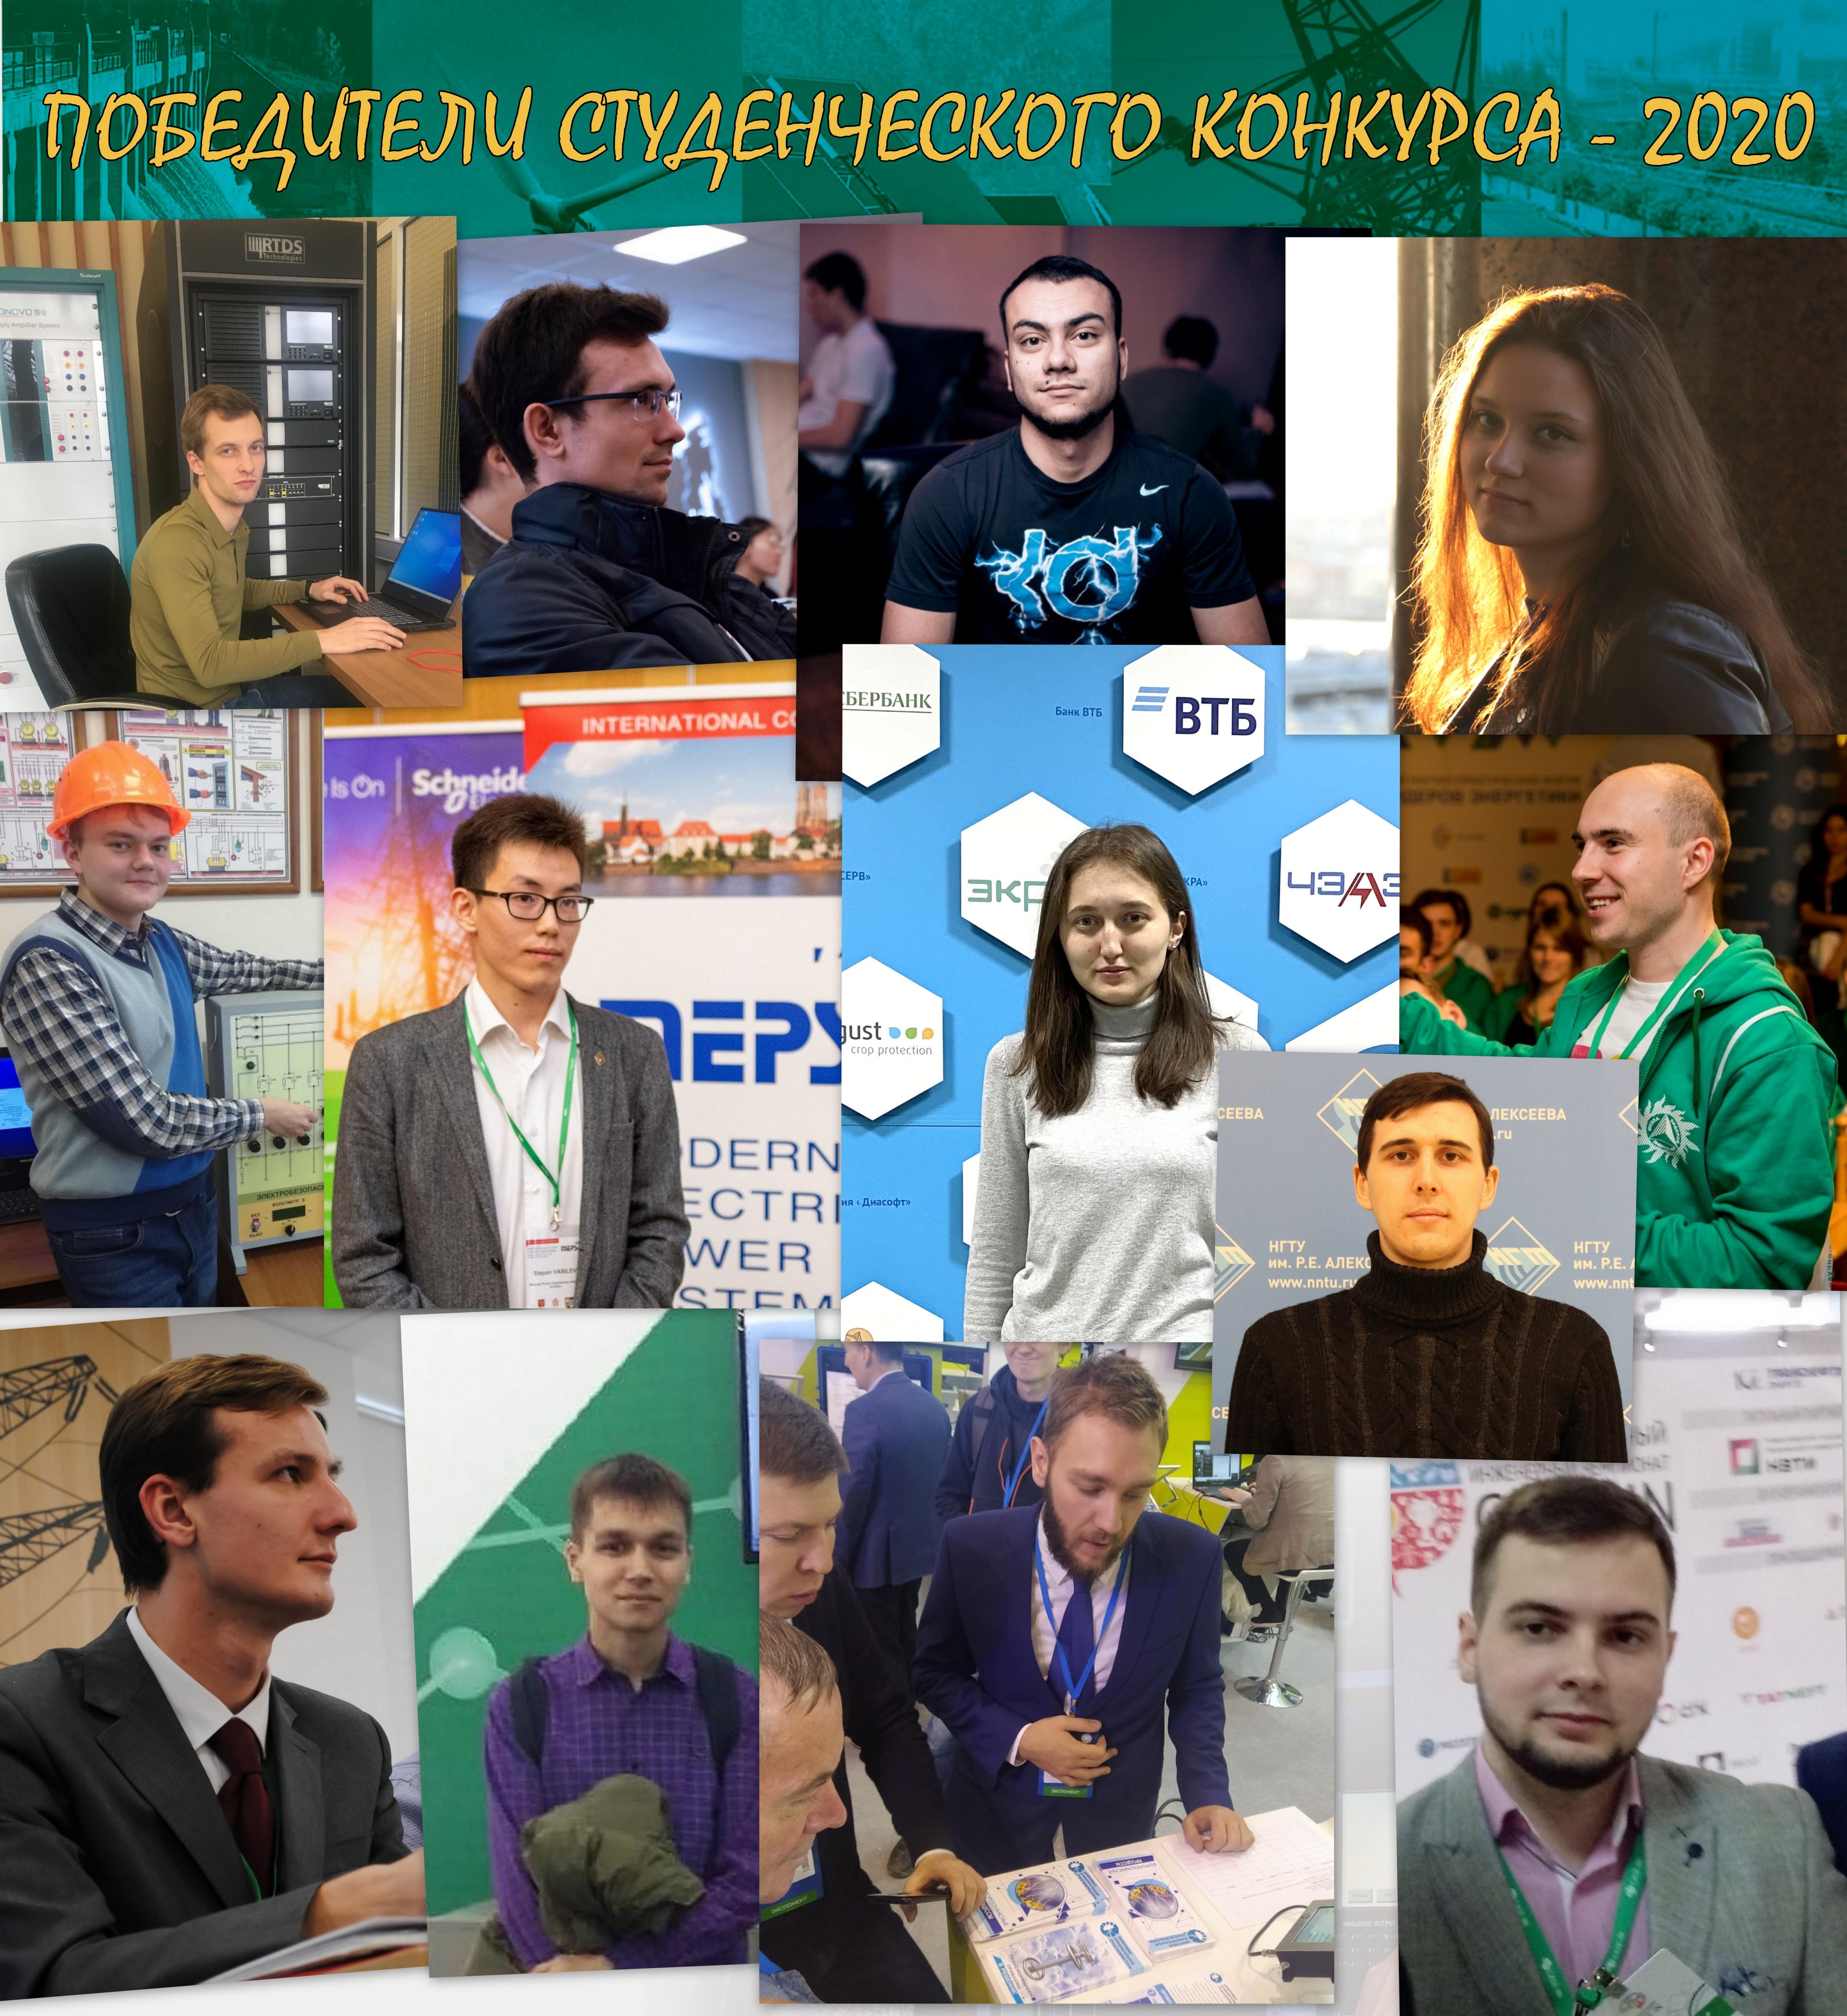 ПОБЕДИТЕЛИ СТУДЕНЧЕСКОГО КОНКУРСА 2020!